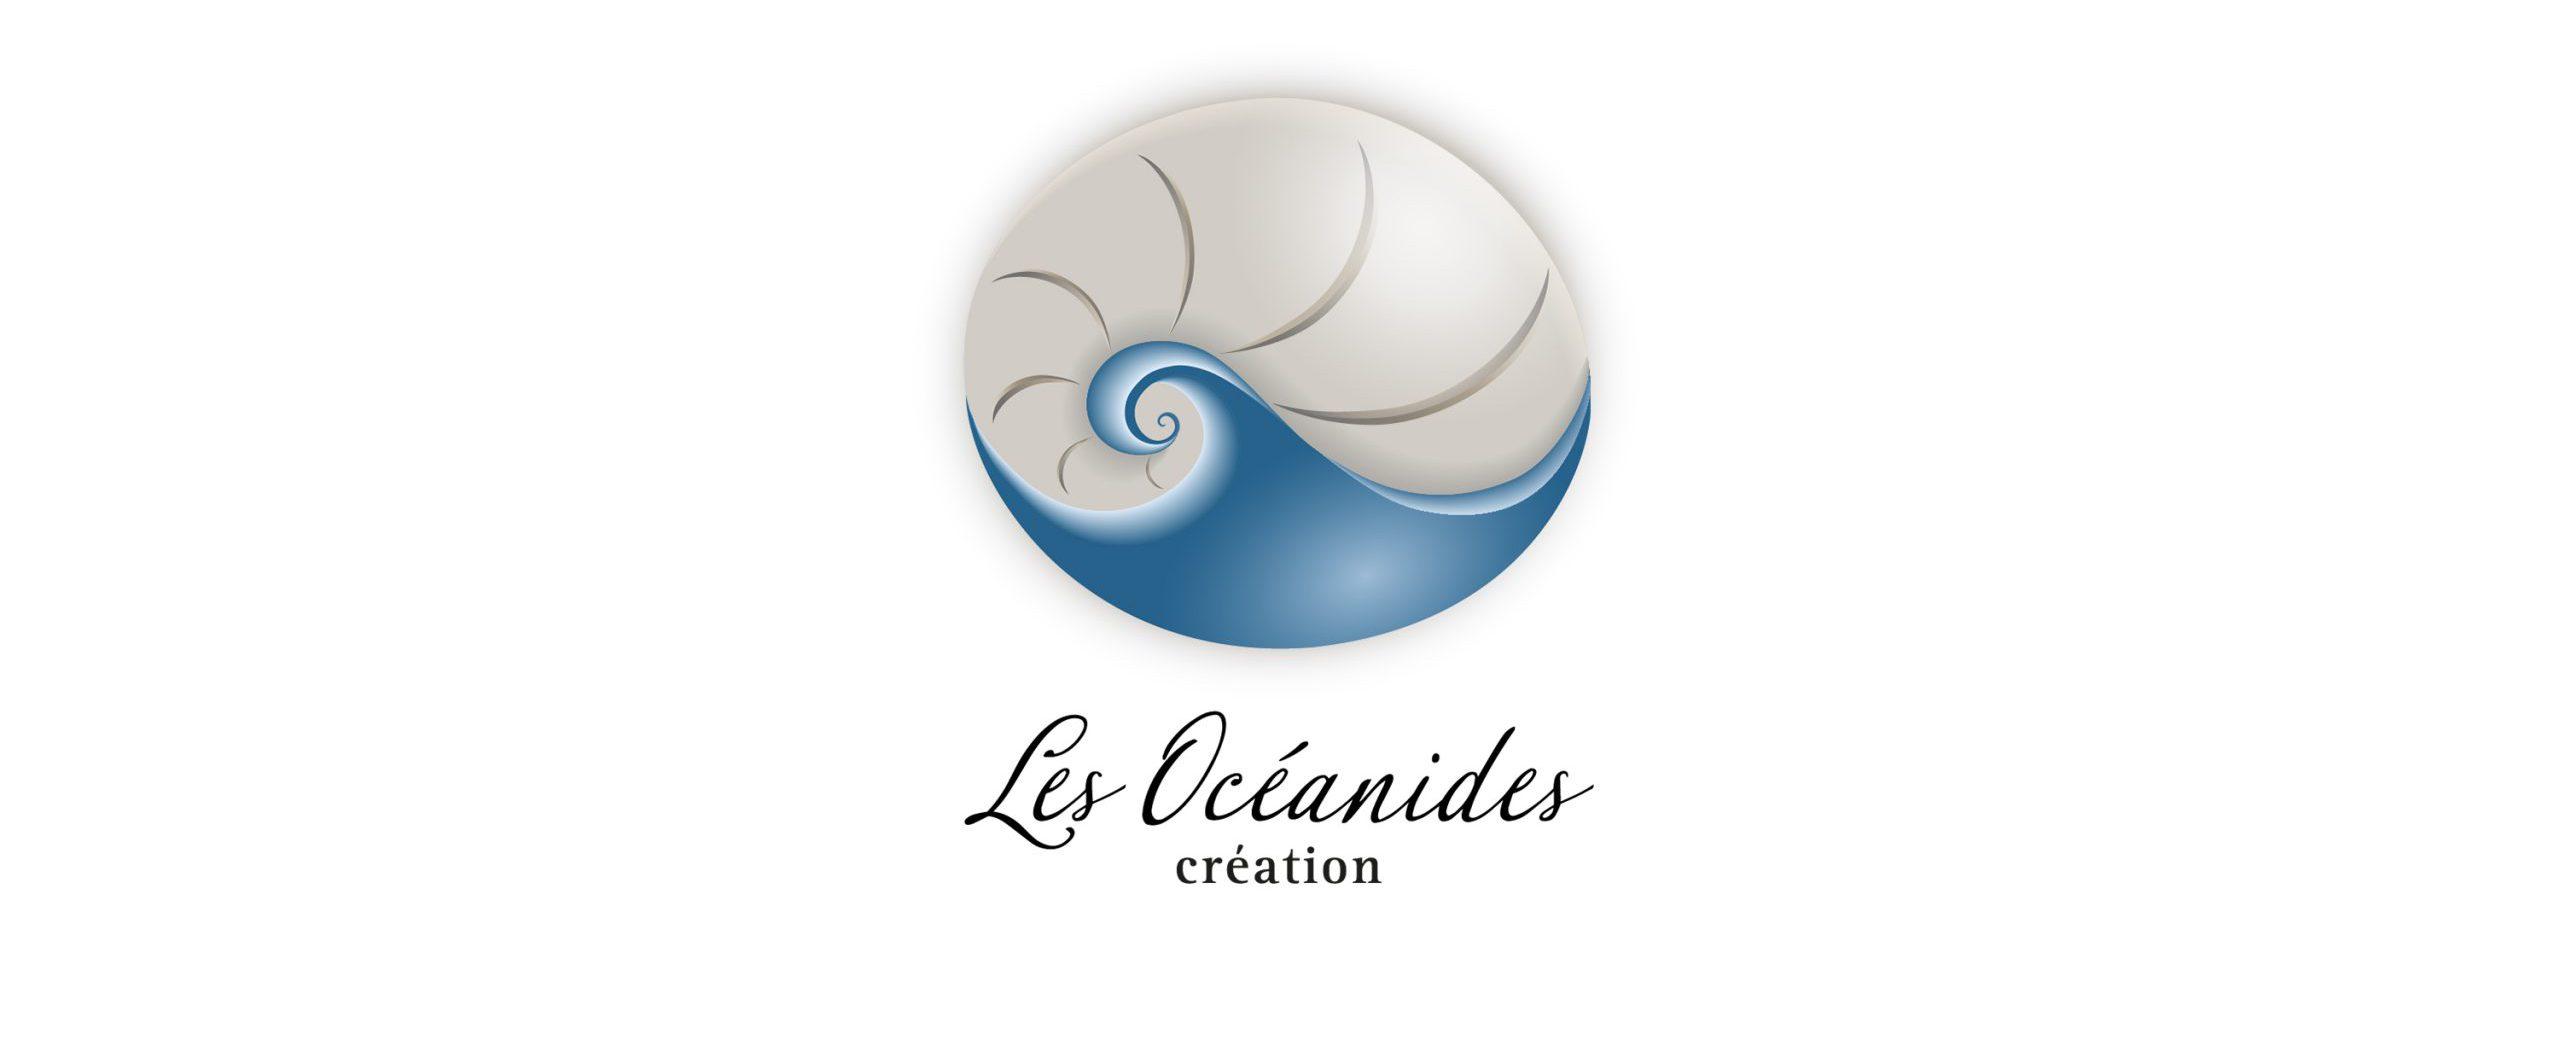 1-ID_LesOceanides-ok